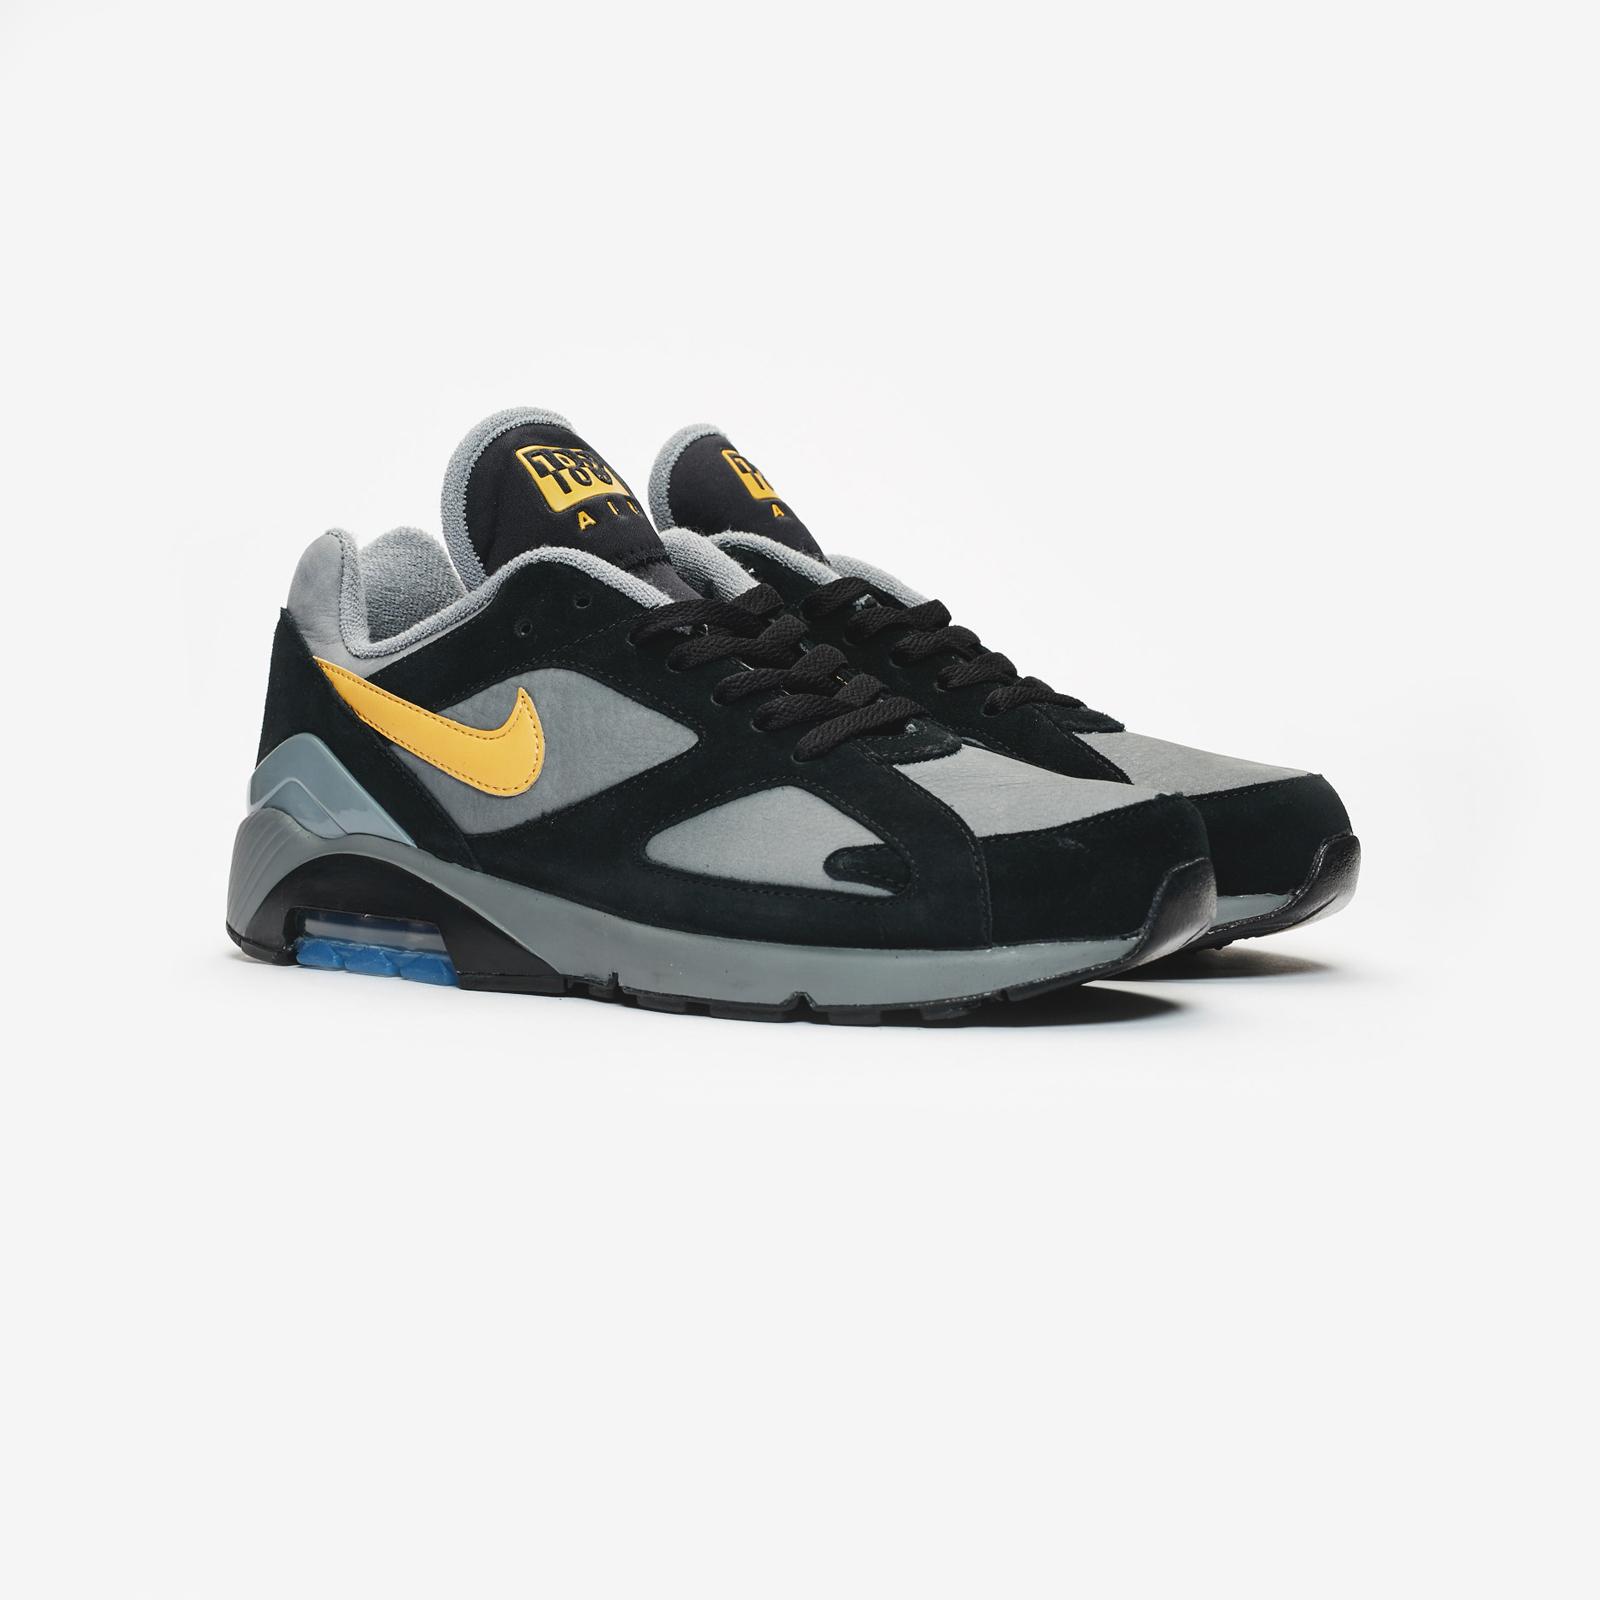 c9b4666292 Nike Air Max 180 - Av7023-001 - Sneakersnstuff | sneakers ...